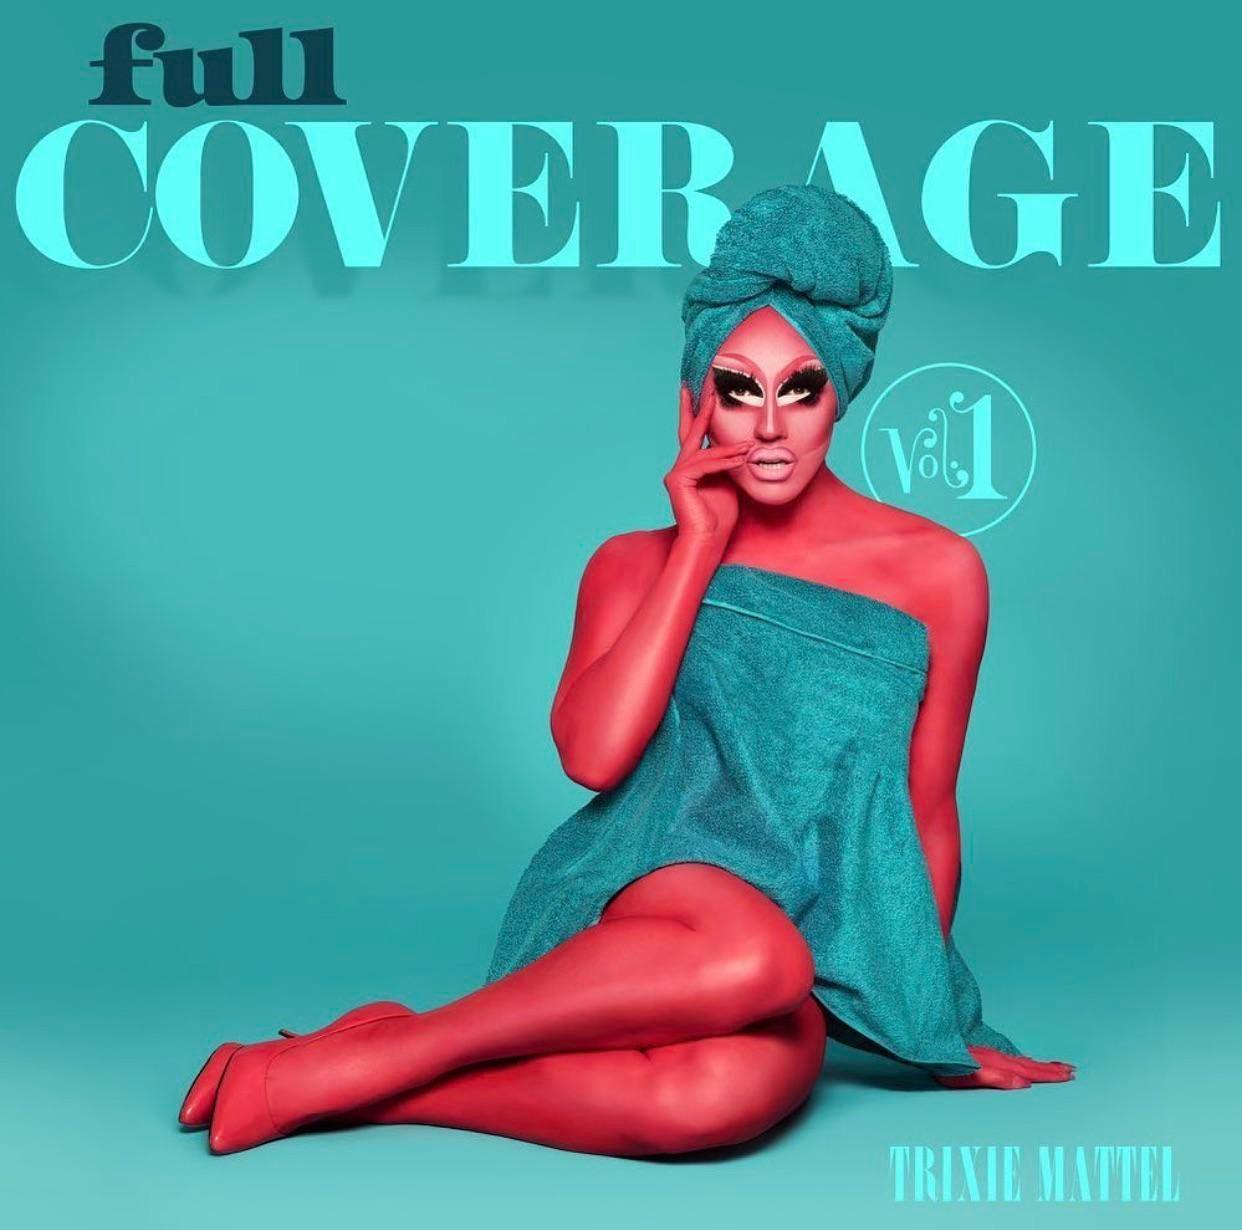 Capa do EP Full Coverage Vol. 1. Na foto, em fundo azul, vemos Trixie Mattel, uma drag queen, toda pintada de vermelho, sentada no chão e com uma toalha cobrindo seu tronco. Ela também tem uma toalha, azul como a do corpo, enrolada na cabeça. Acima da drag queen, está escrito full (em preto) coverage (em azul mais claro). Ao lado direito de seu rosto está um círculo com Vol. 1. No canto inferior direito, está escrito Trixie Mattel, em azul bem claro.